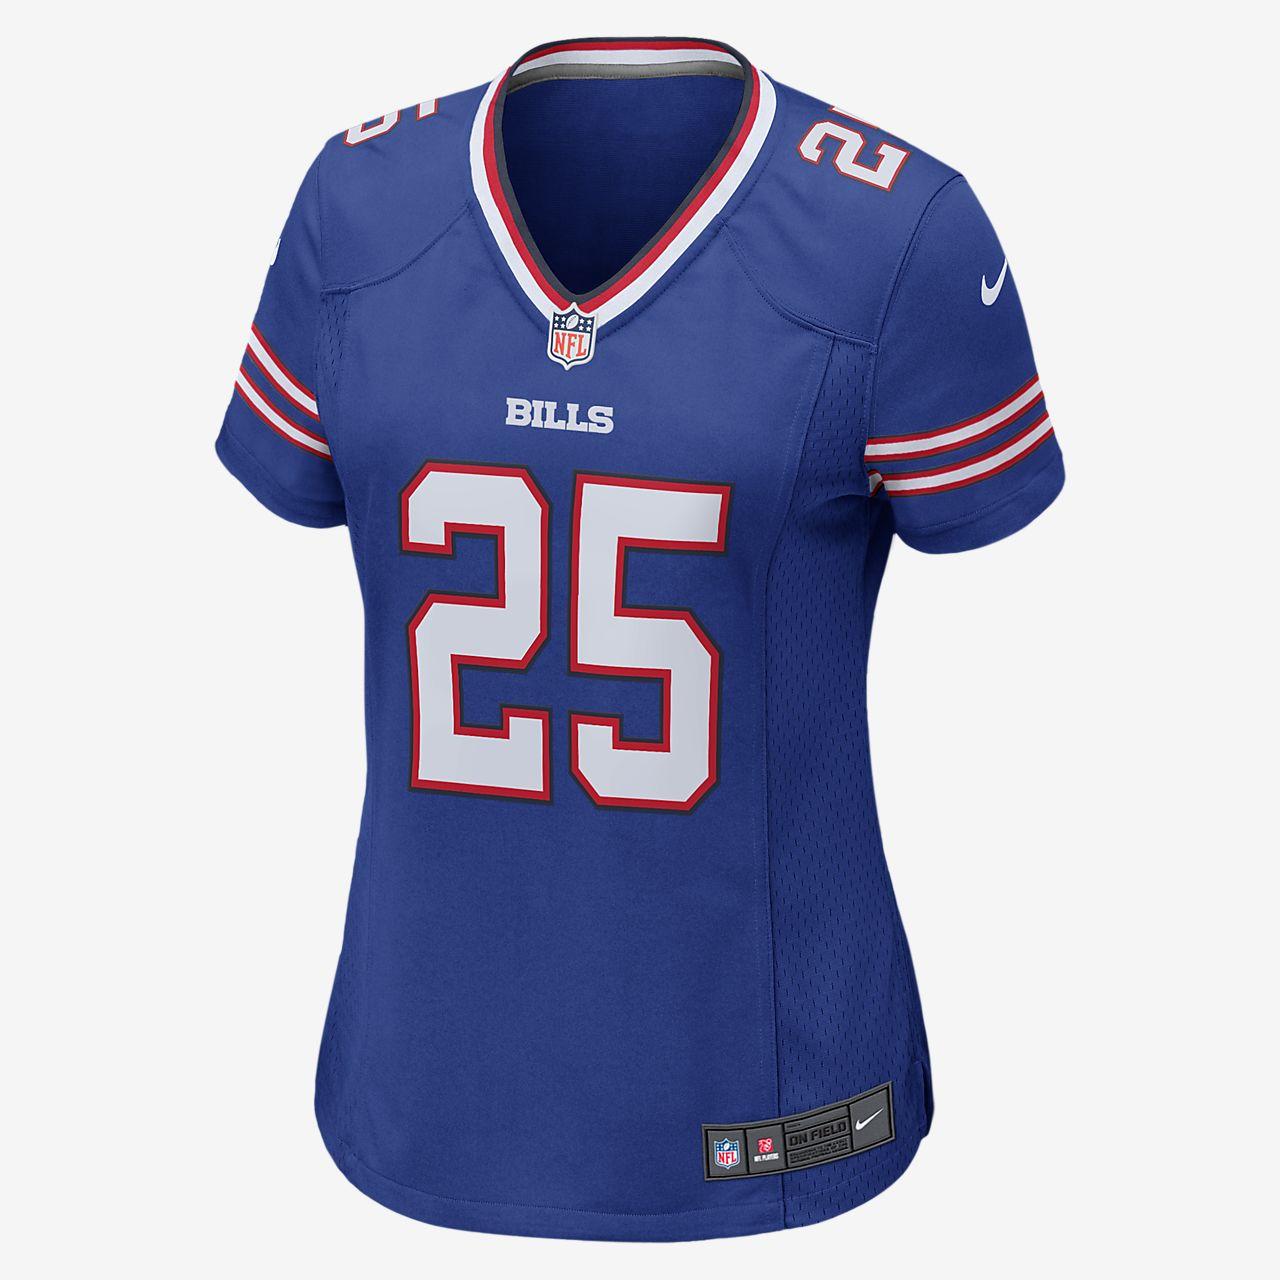 44d103c46b723 NFL Buffalo Bills (LeSean McCoy) Women's Game Football Jersey